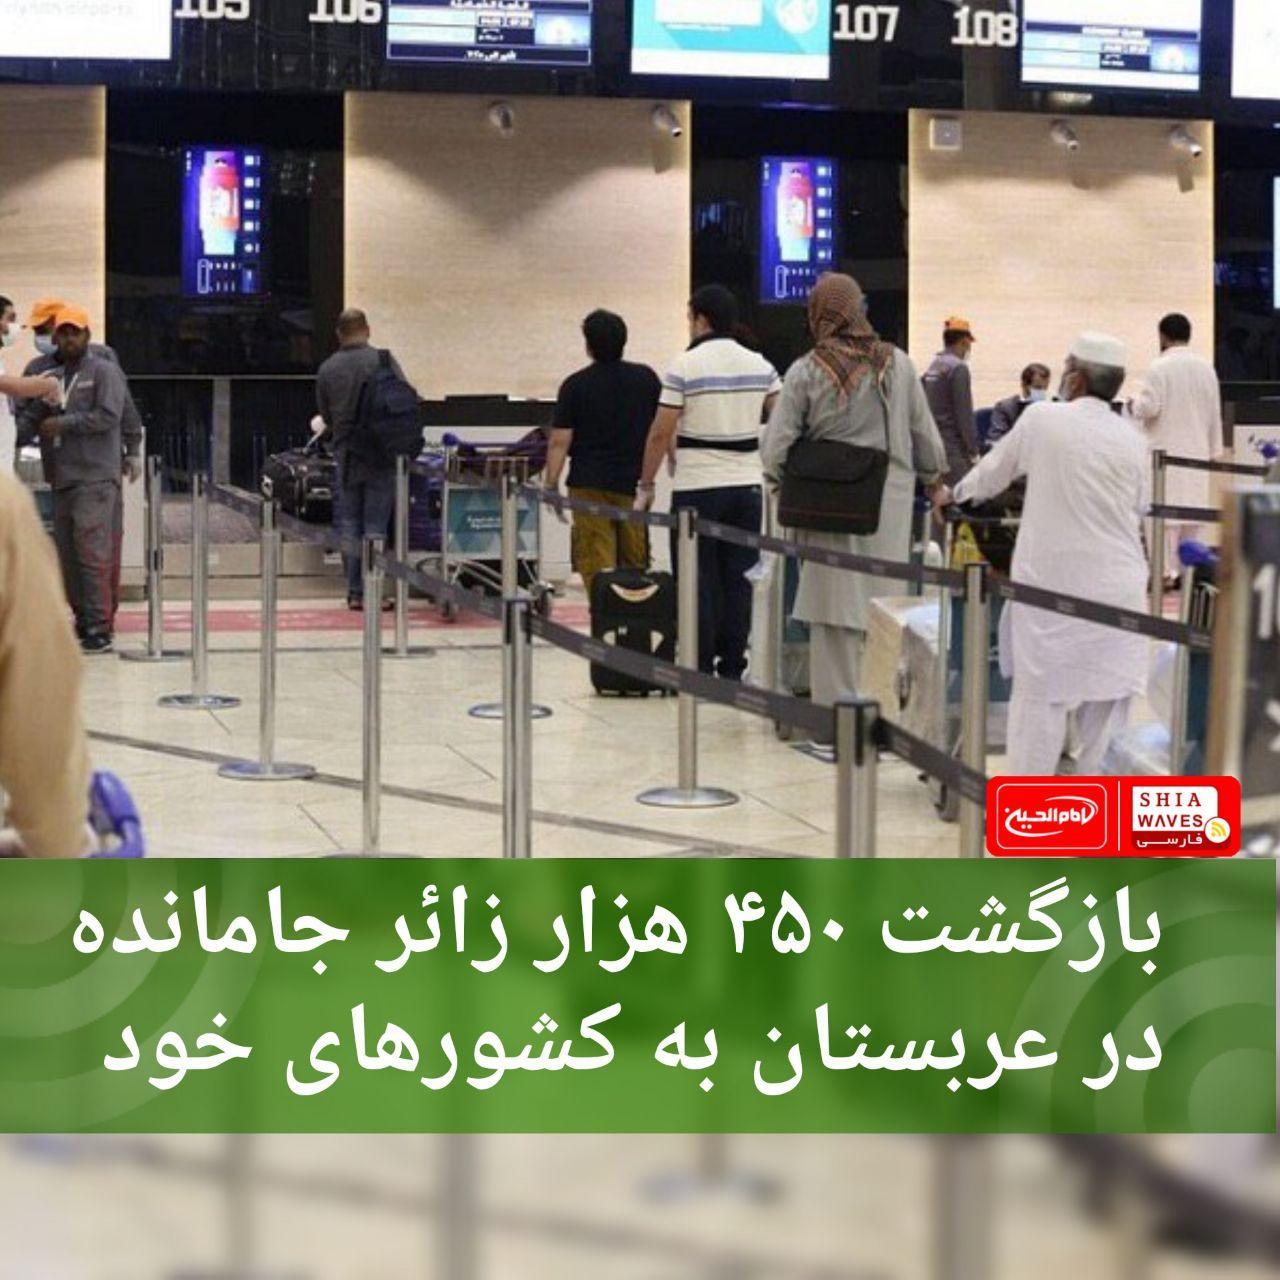 تصویر بازگشت ۴۵۰ هزار زائر جامانده در عربستان به کشورهای خود